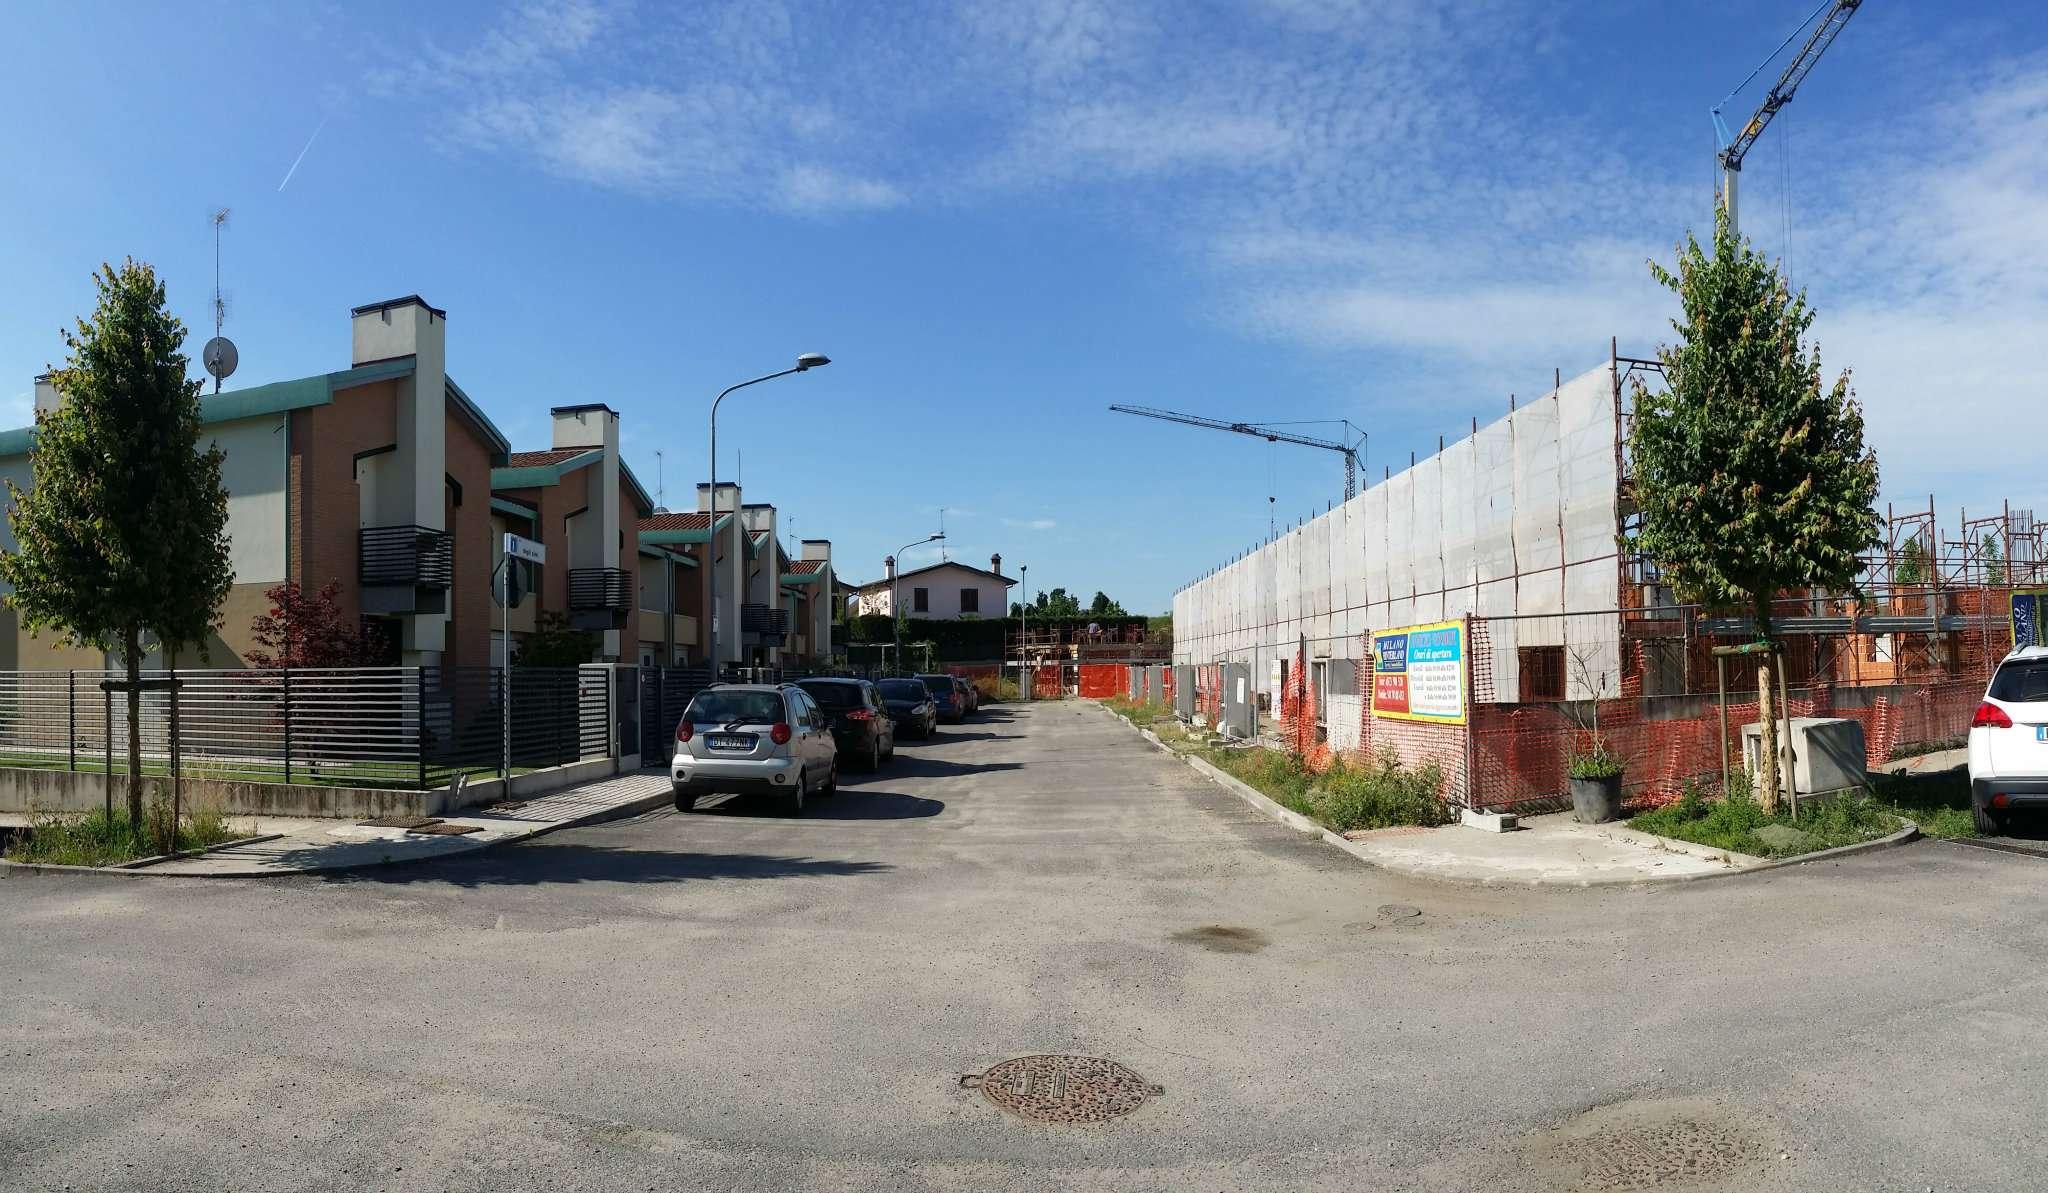 San Colombano al Lambro Vendita VILLA A SCHIERA Immagine 0